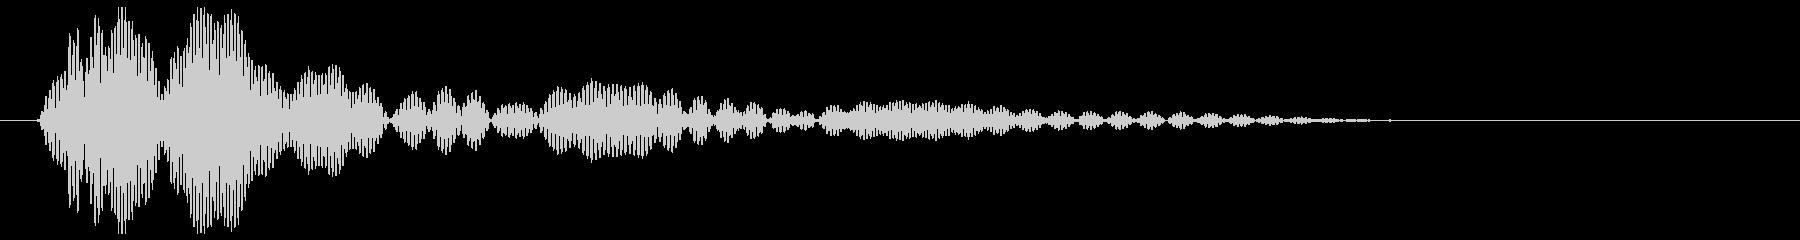 ポワーンという柔らかい効果音の未再生の波形